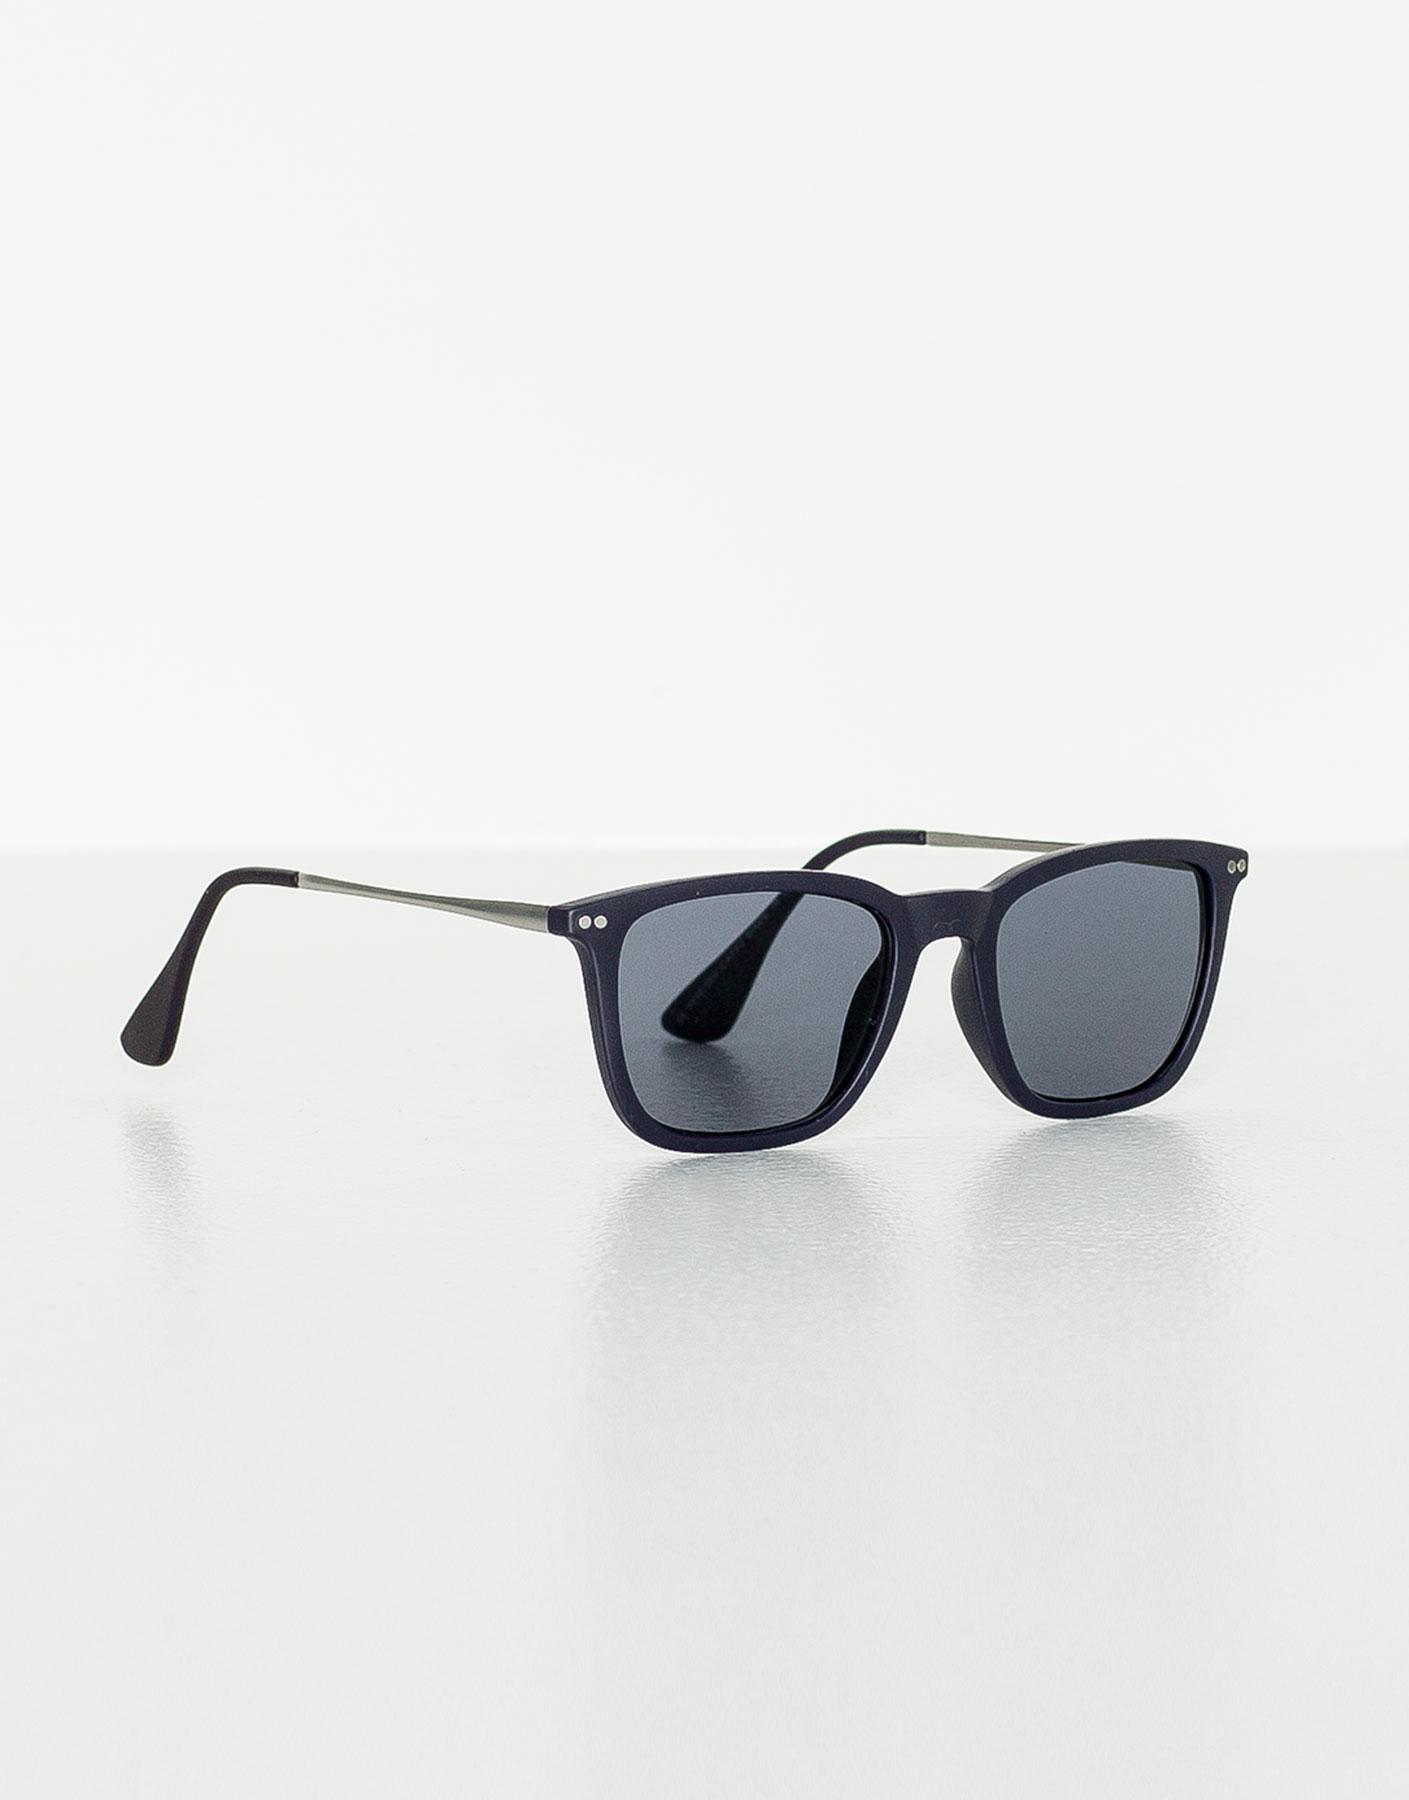 Hornbrille mit runden bügeln